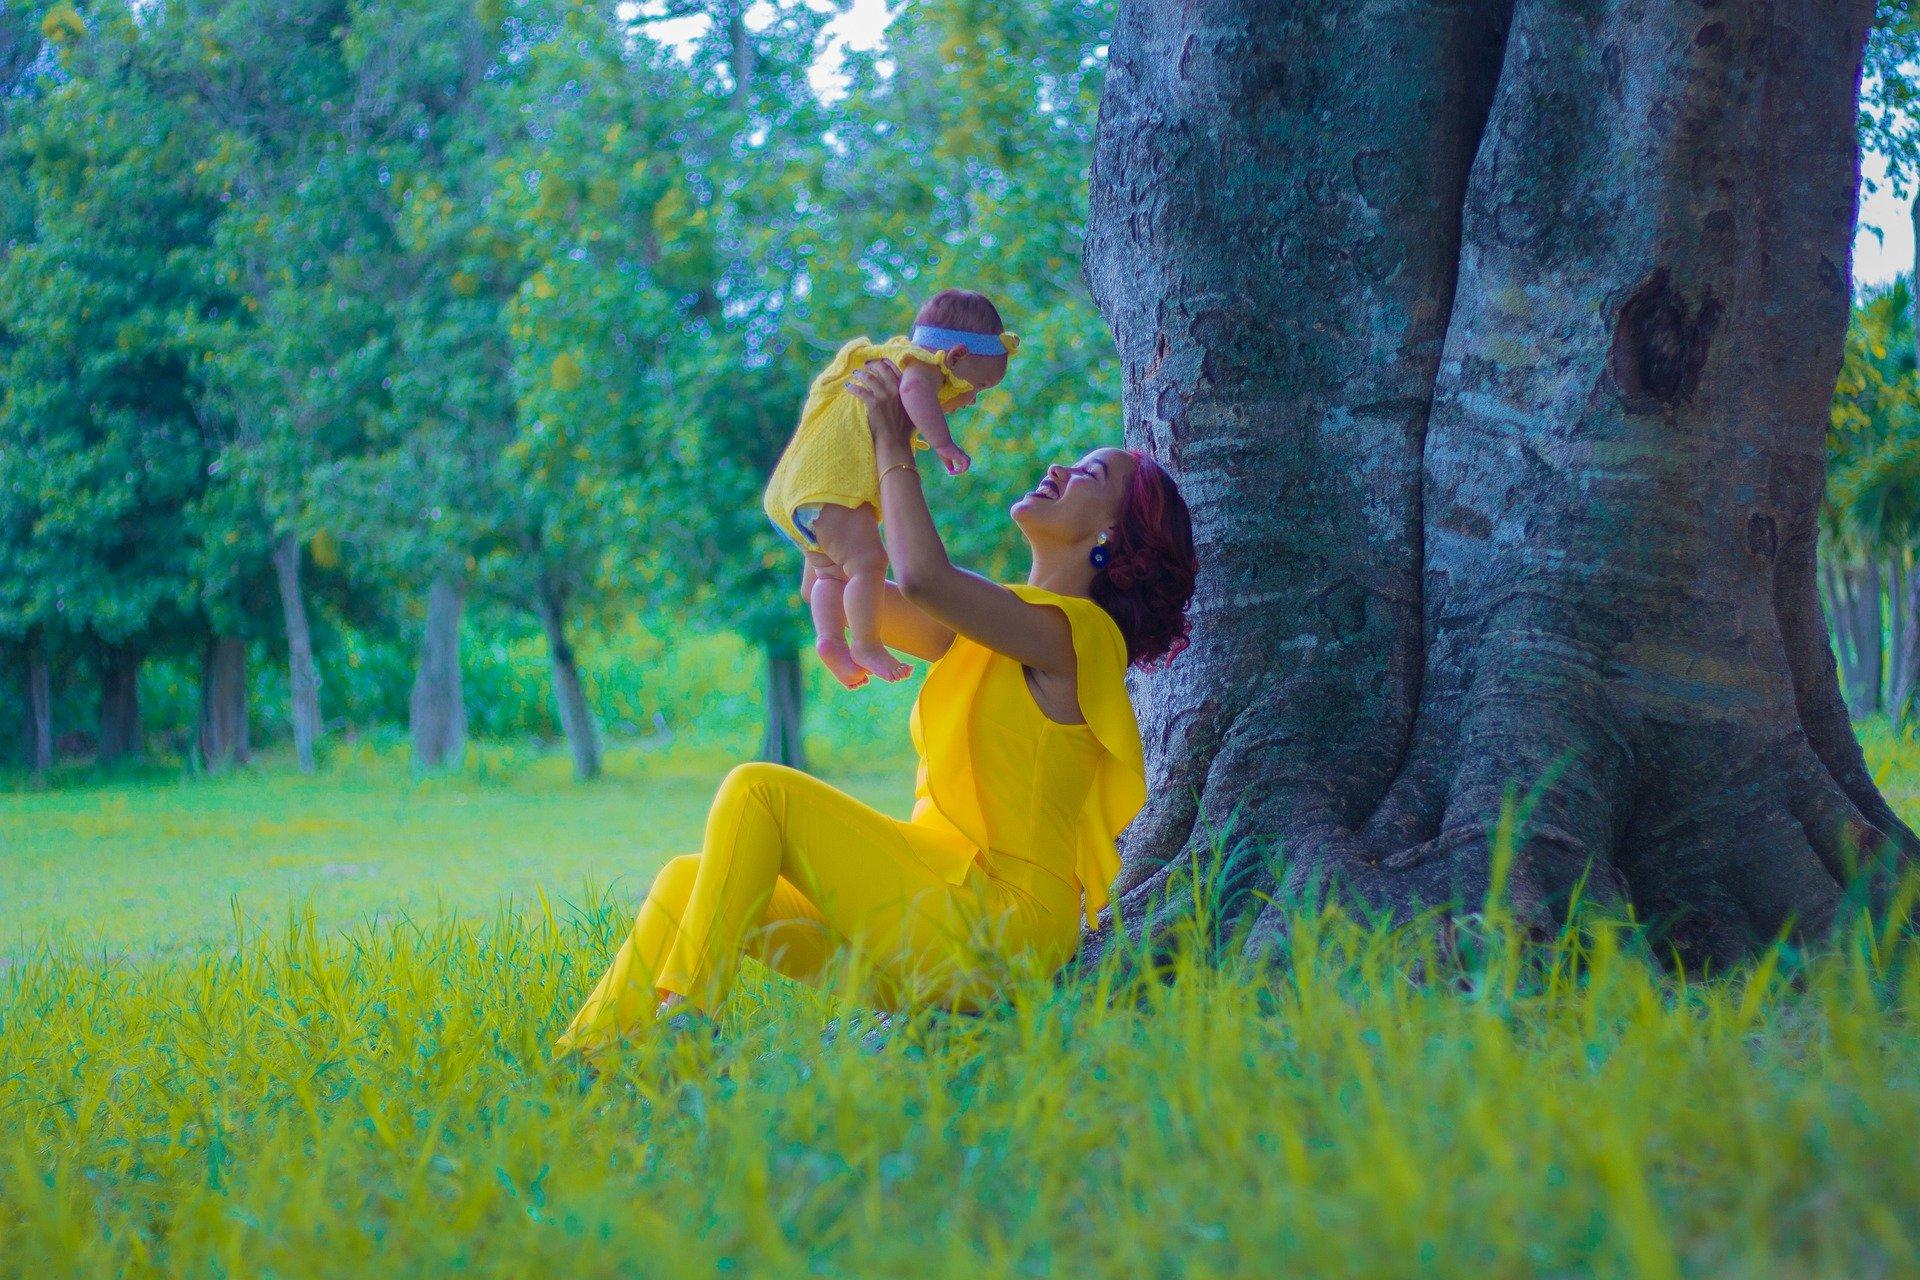 子供を持つことで満たしたい目的は人それぞれというお話